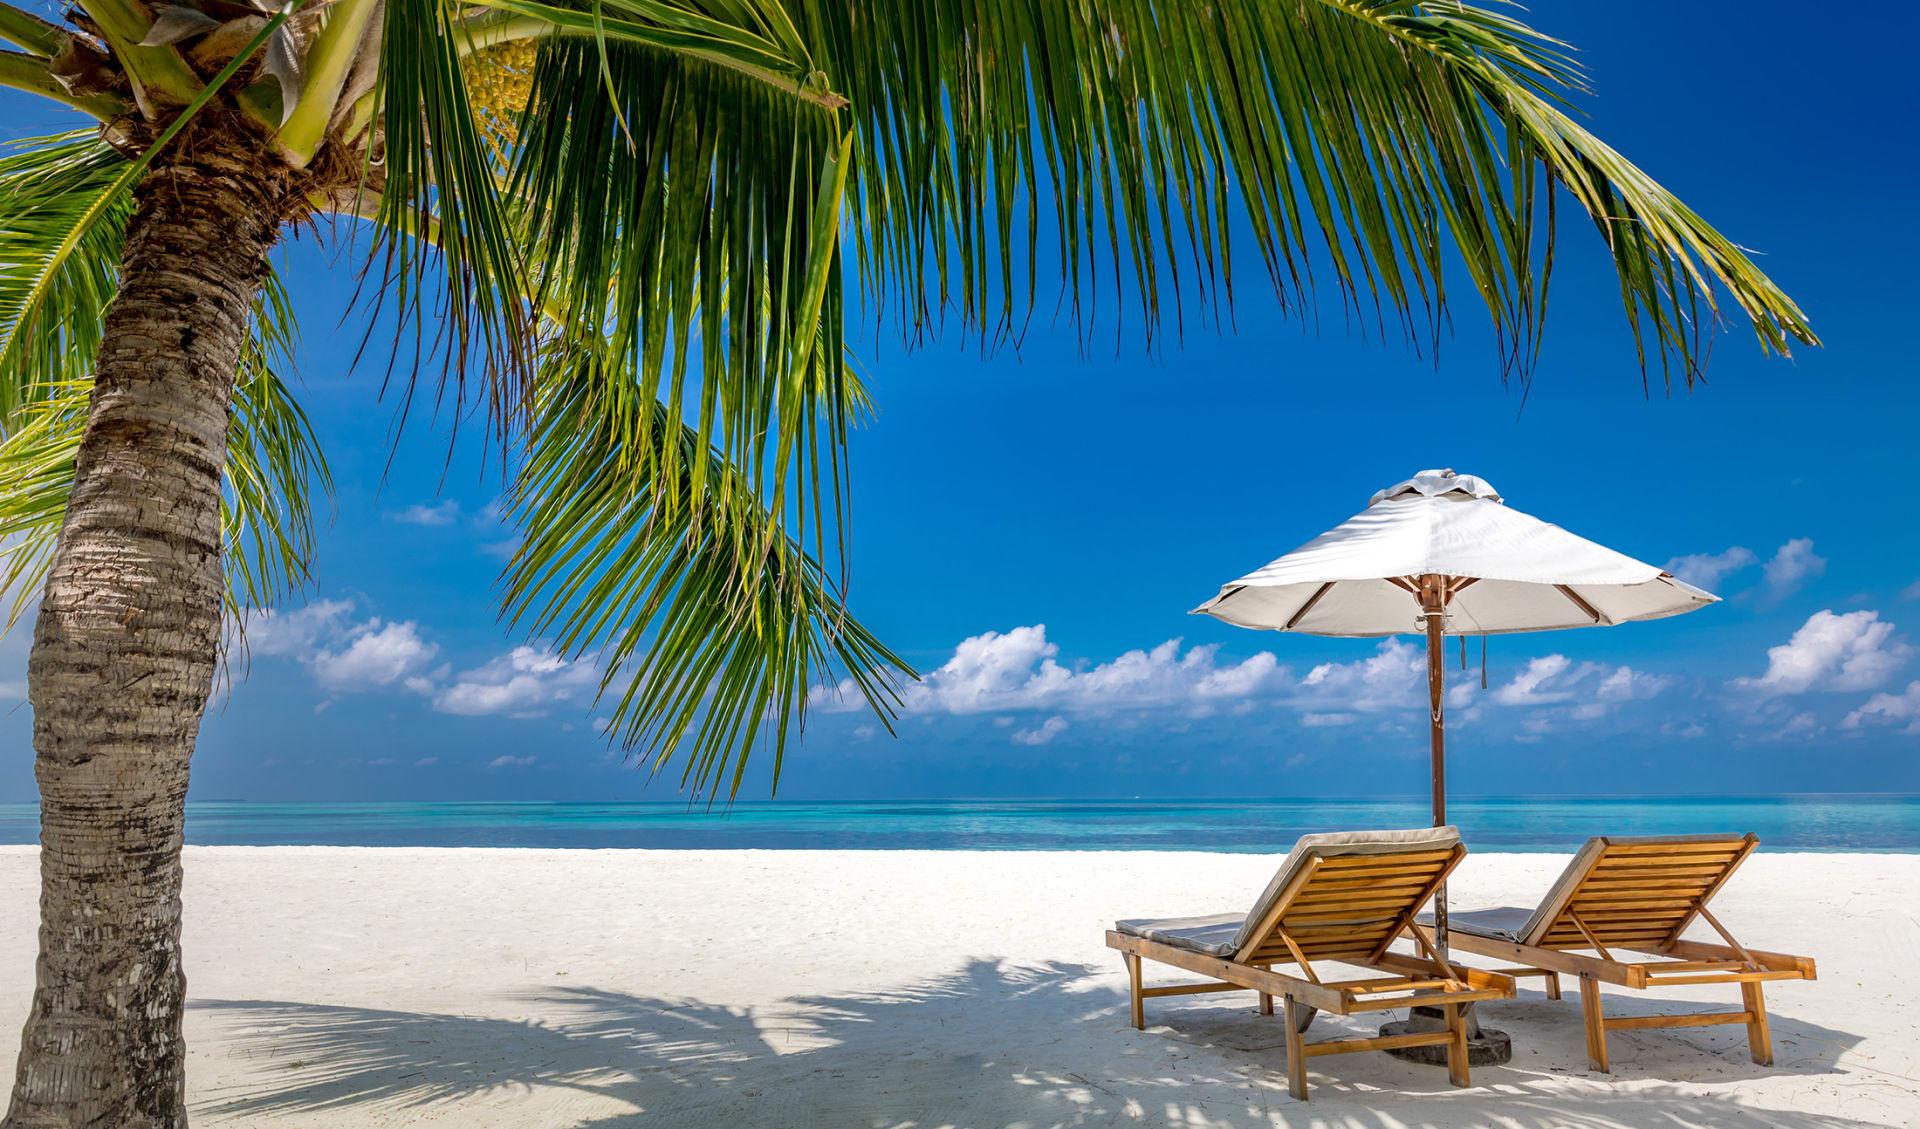 Luxus-Badeort, Strandliegen in der Nähe des Meeres mit weißem Sand auf dem Meer Topische Insel Hintergrund, Sommerurlaub Konzept, Urlaub und Tourismus-Design. Exotische Landschaft, inspirierender Freizeitbanner